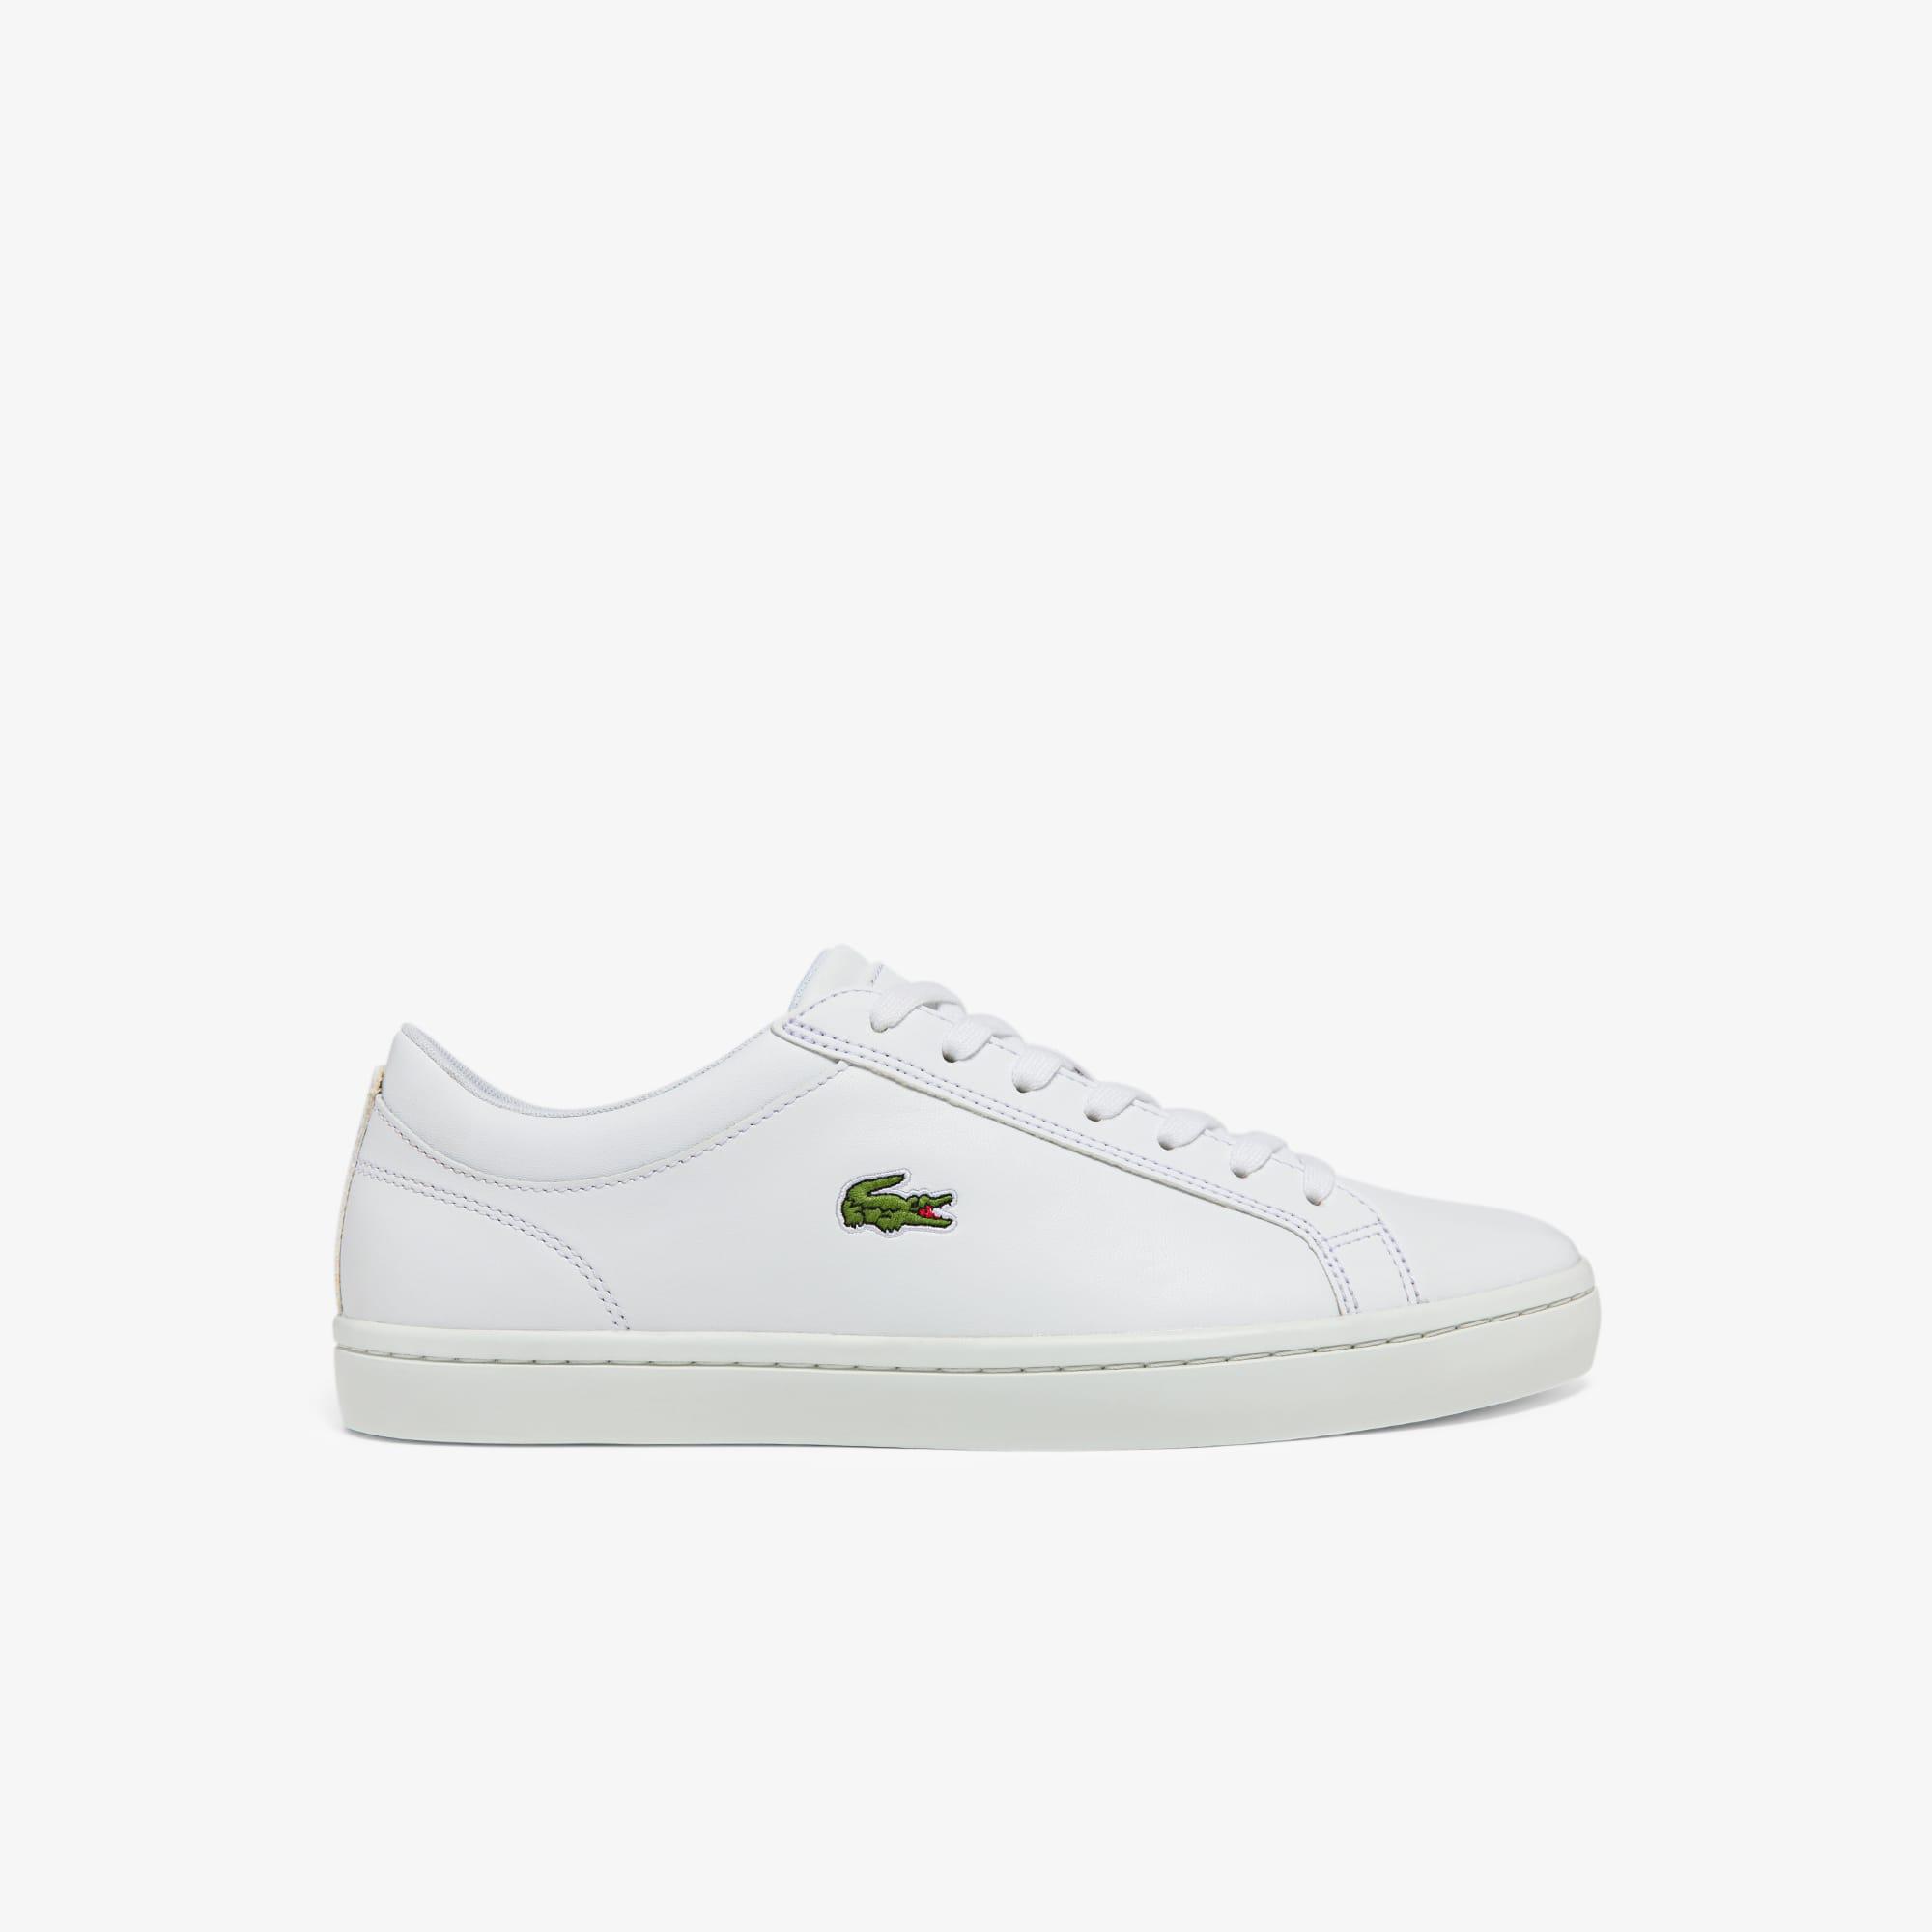 21518b288cc9 Herren-Sneakers STRAIGHTSET aus Leder   LACOSTE